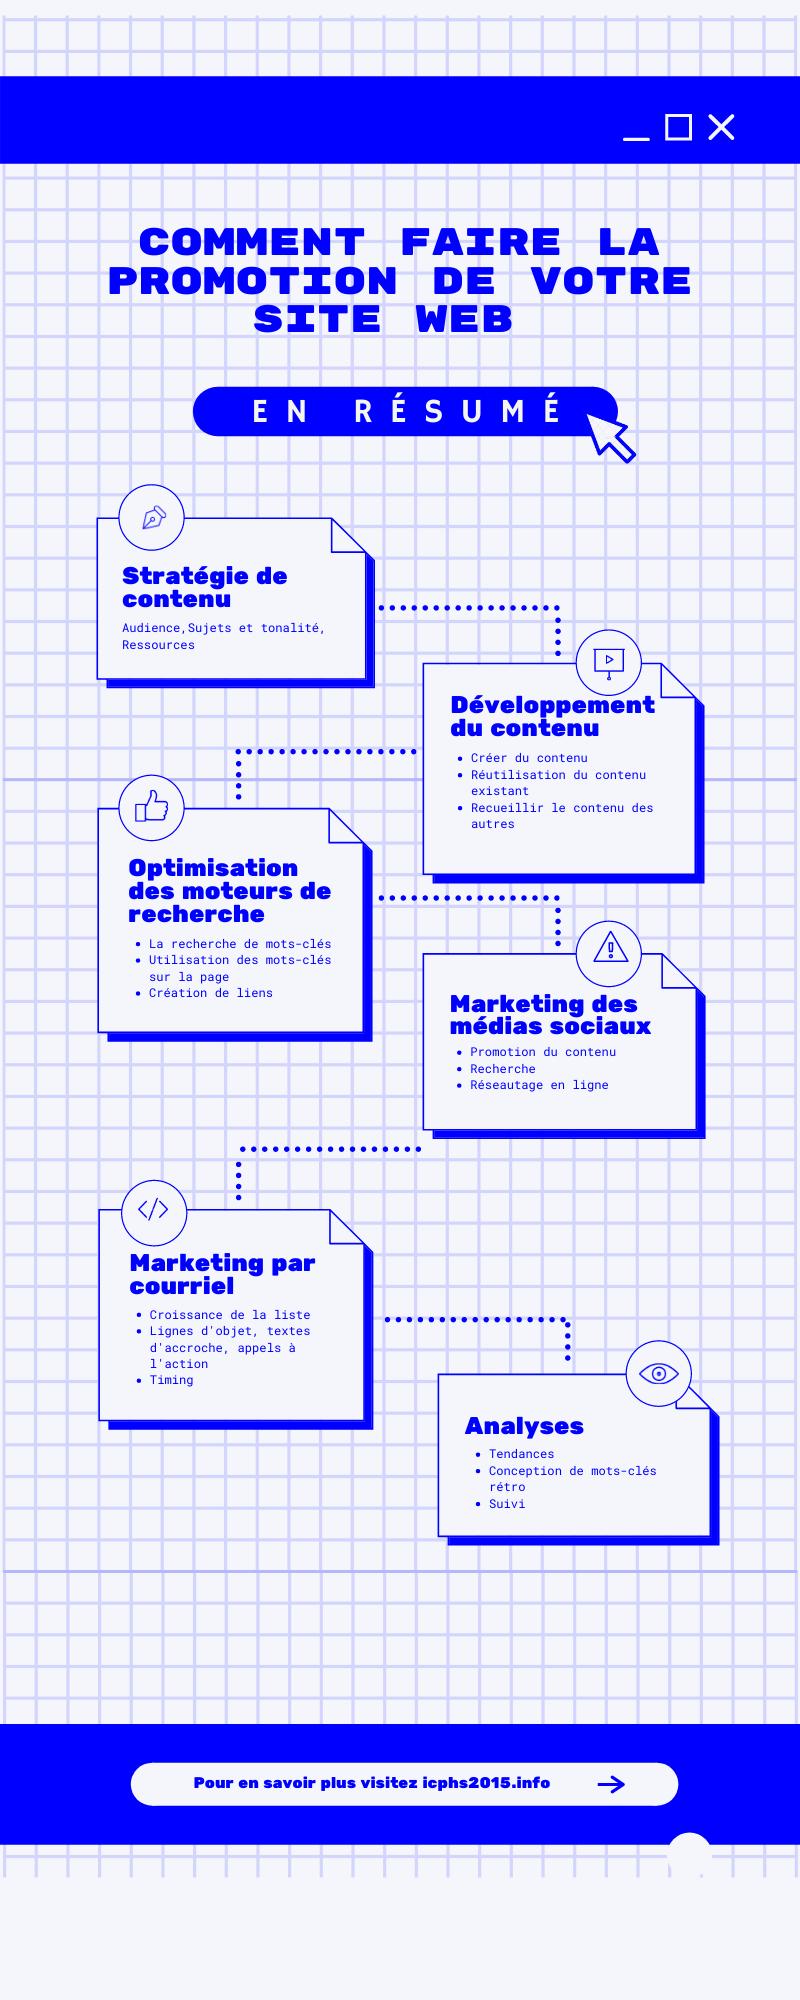 Comment faire la promotion de votre site web en résumé